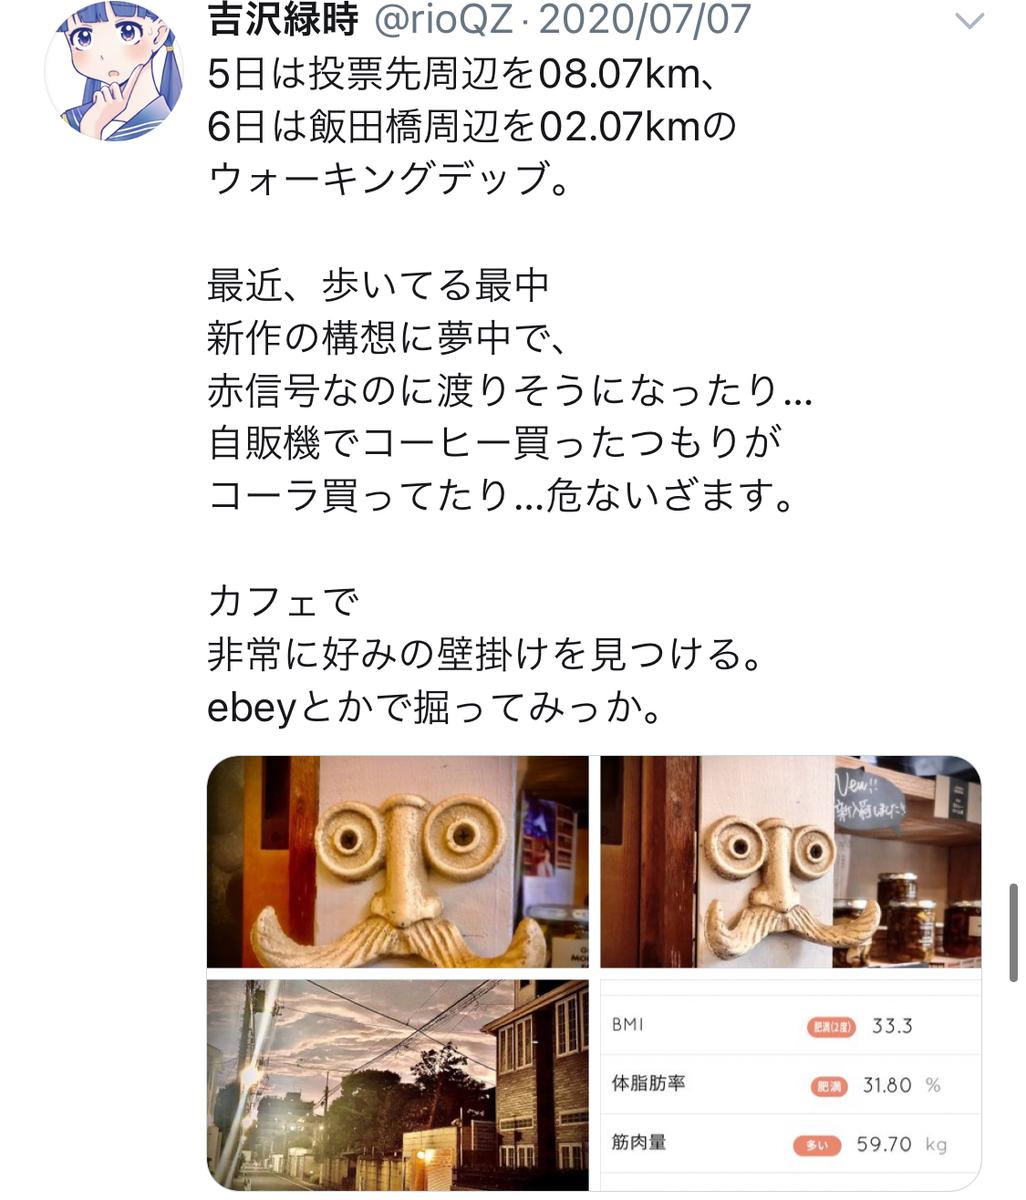 f:id:ryokuji:20201211145616j:plain